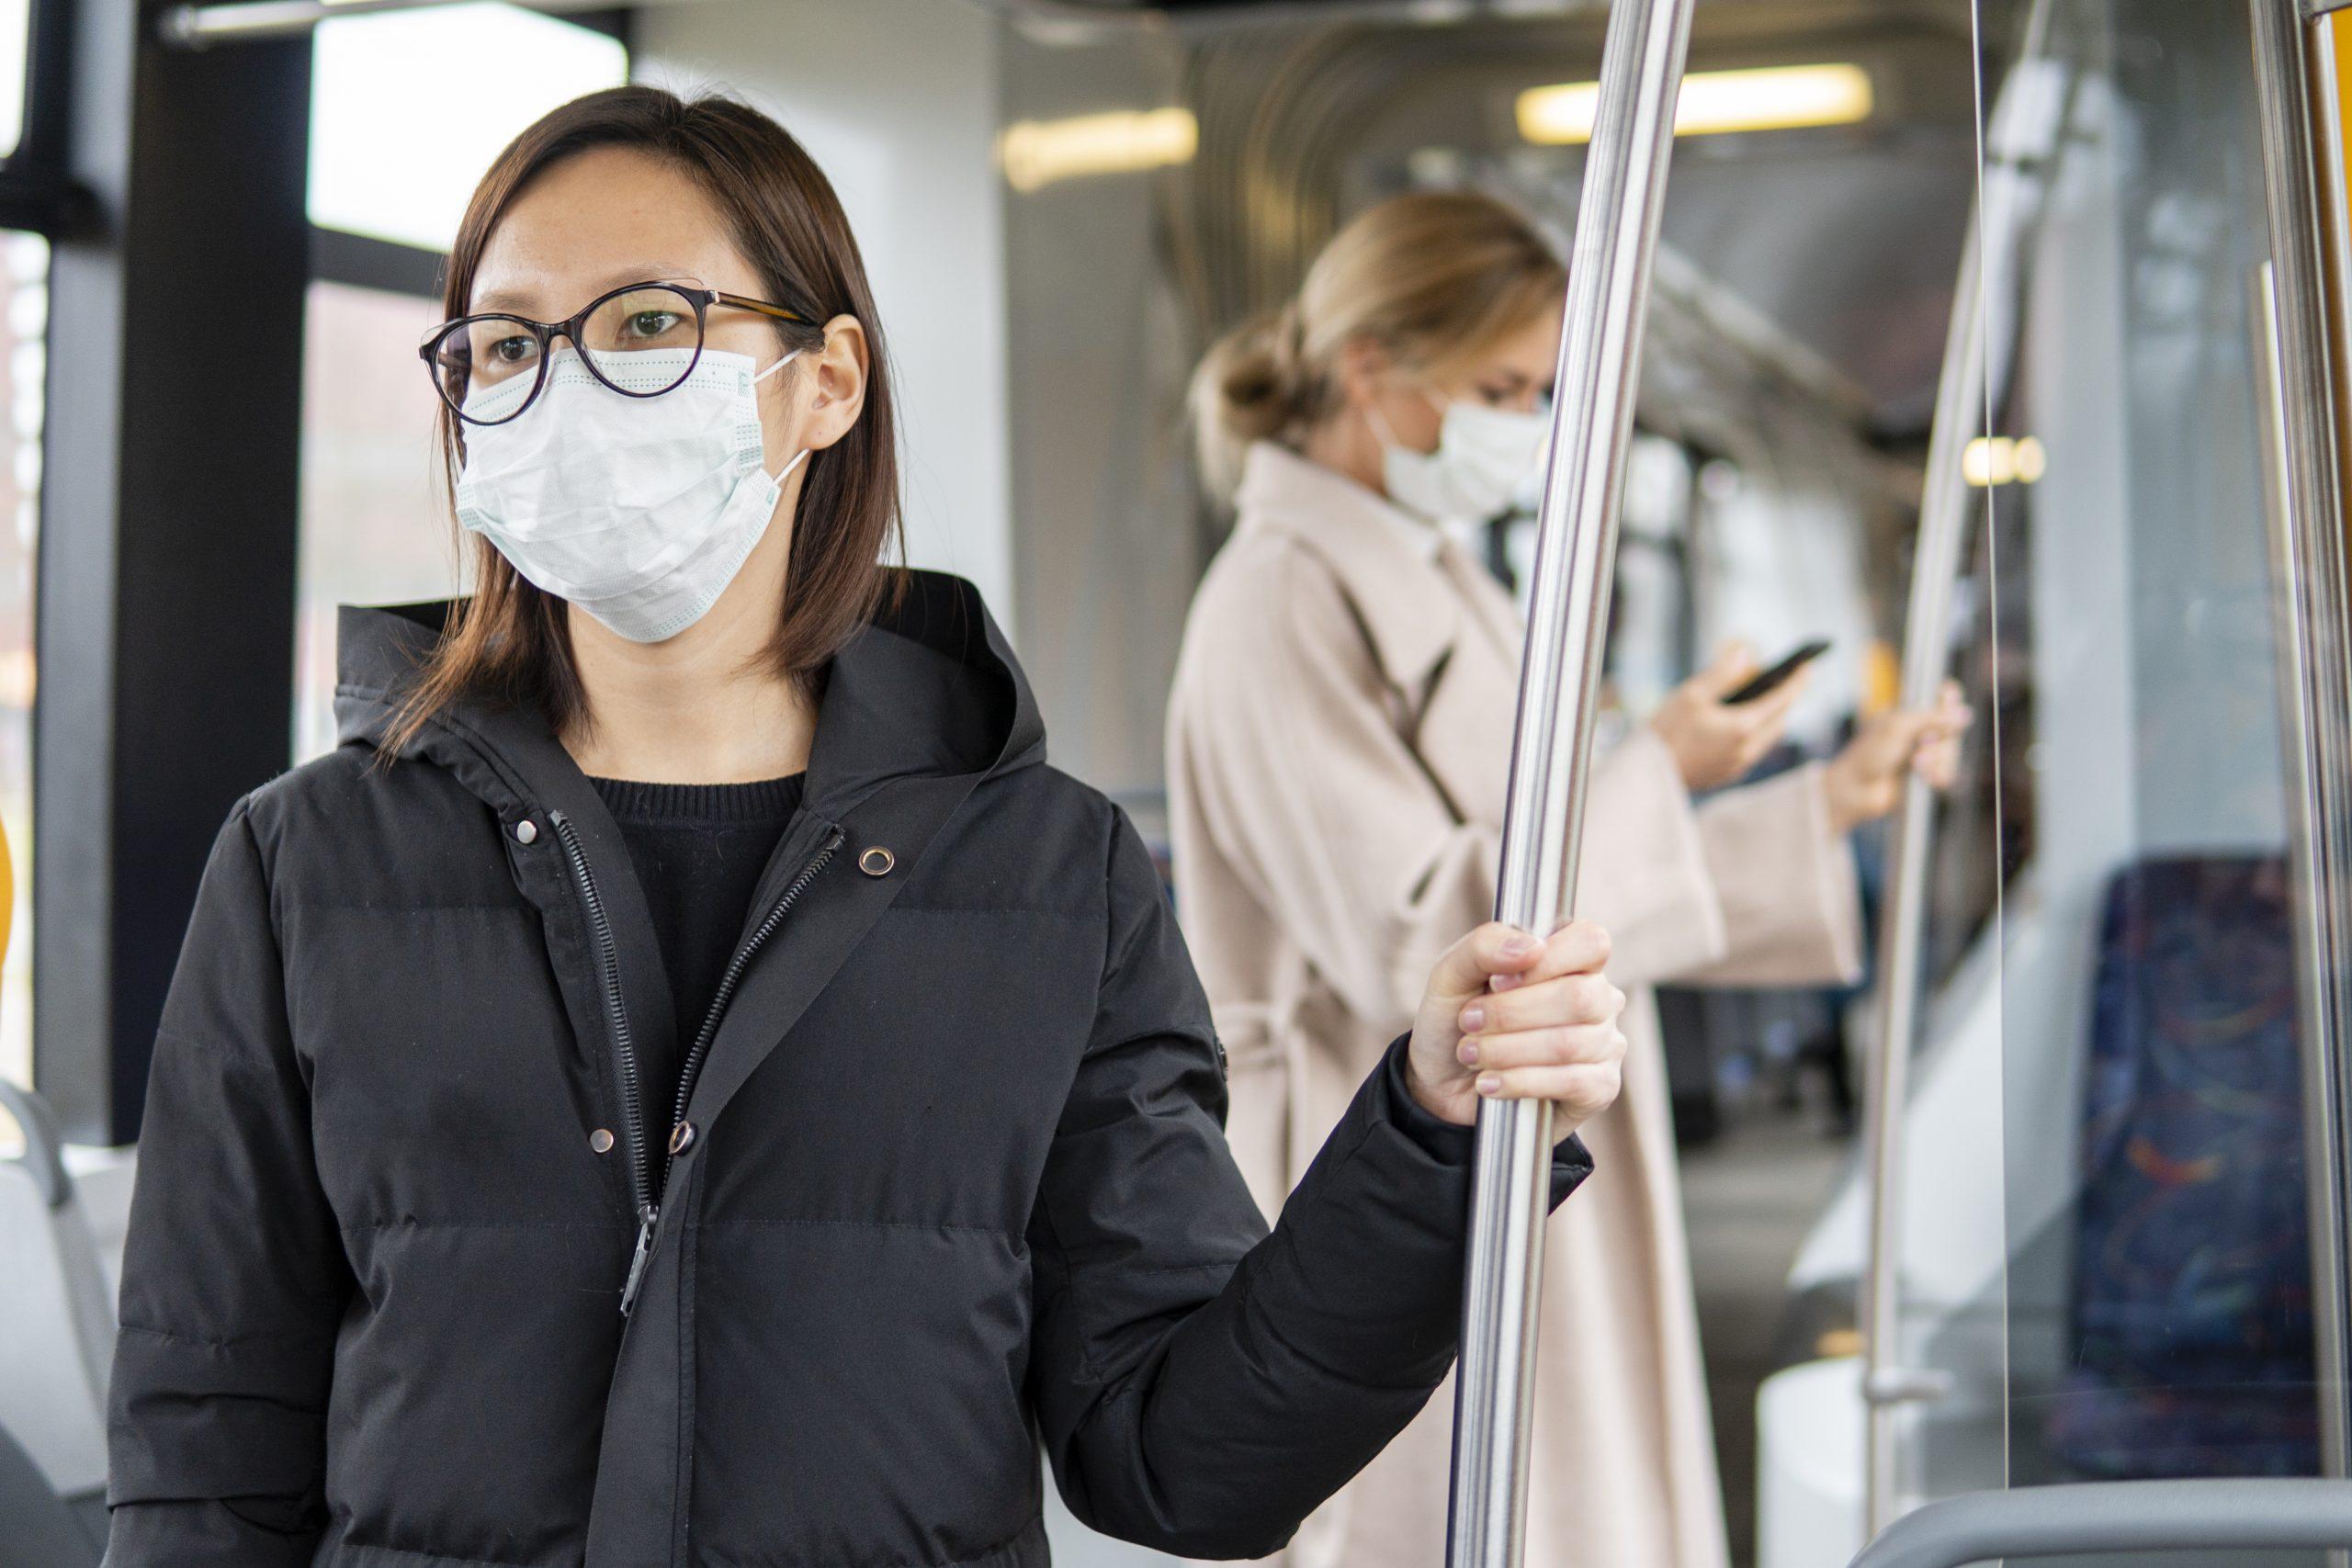 荷兰新增新冠病例少于5000!但是荷兰境内有新病毒出现,可通过蚊子叮咬传播